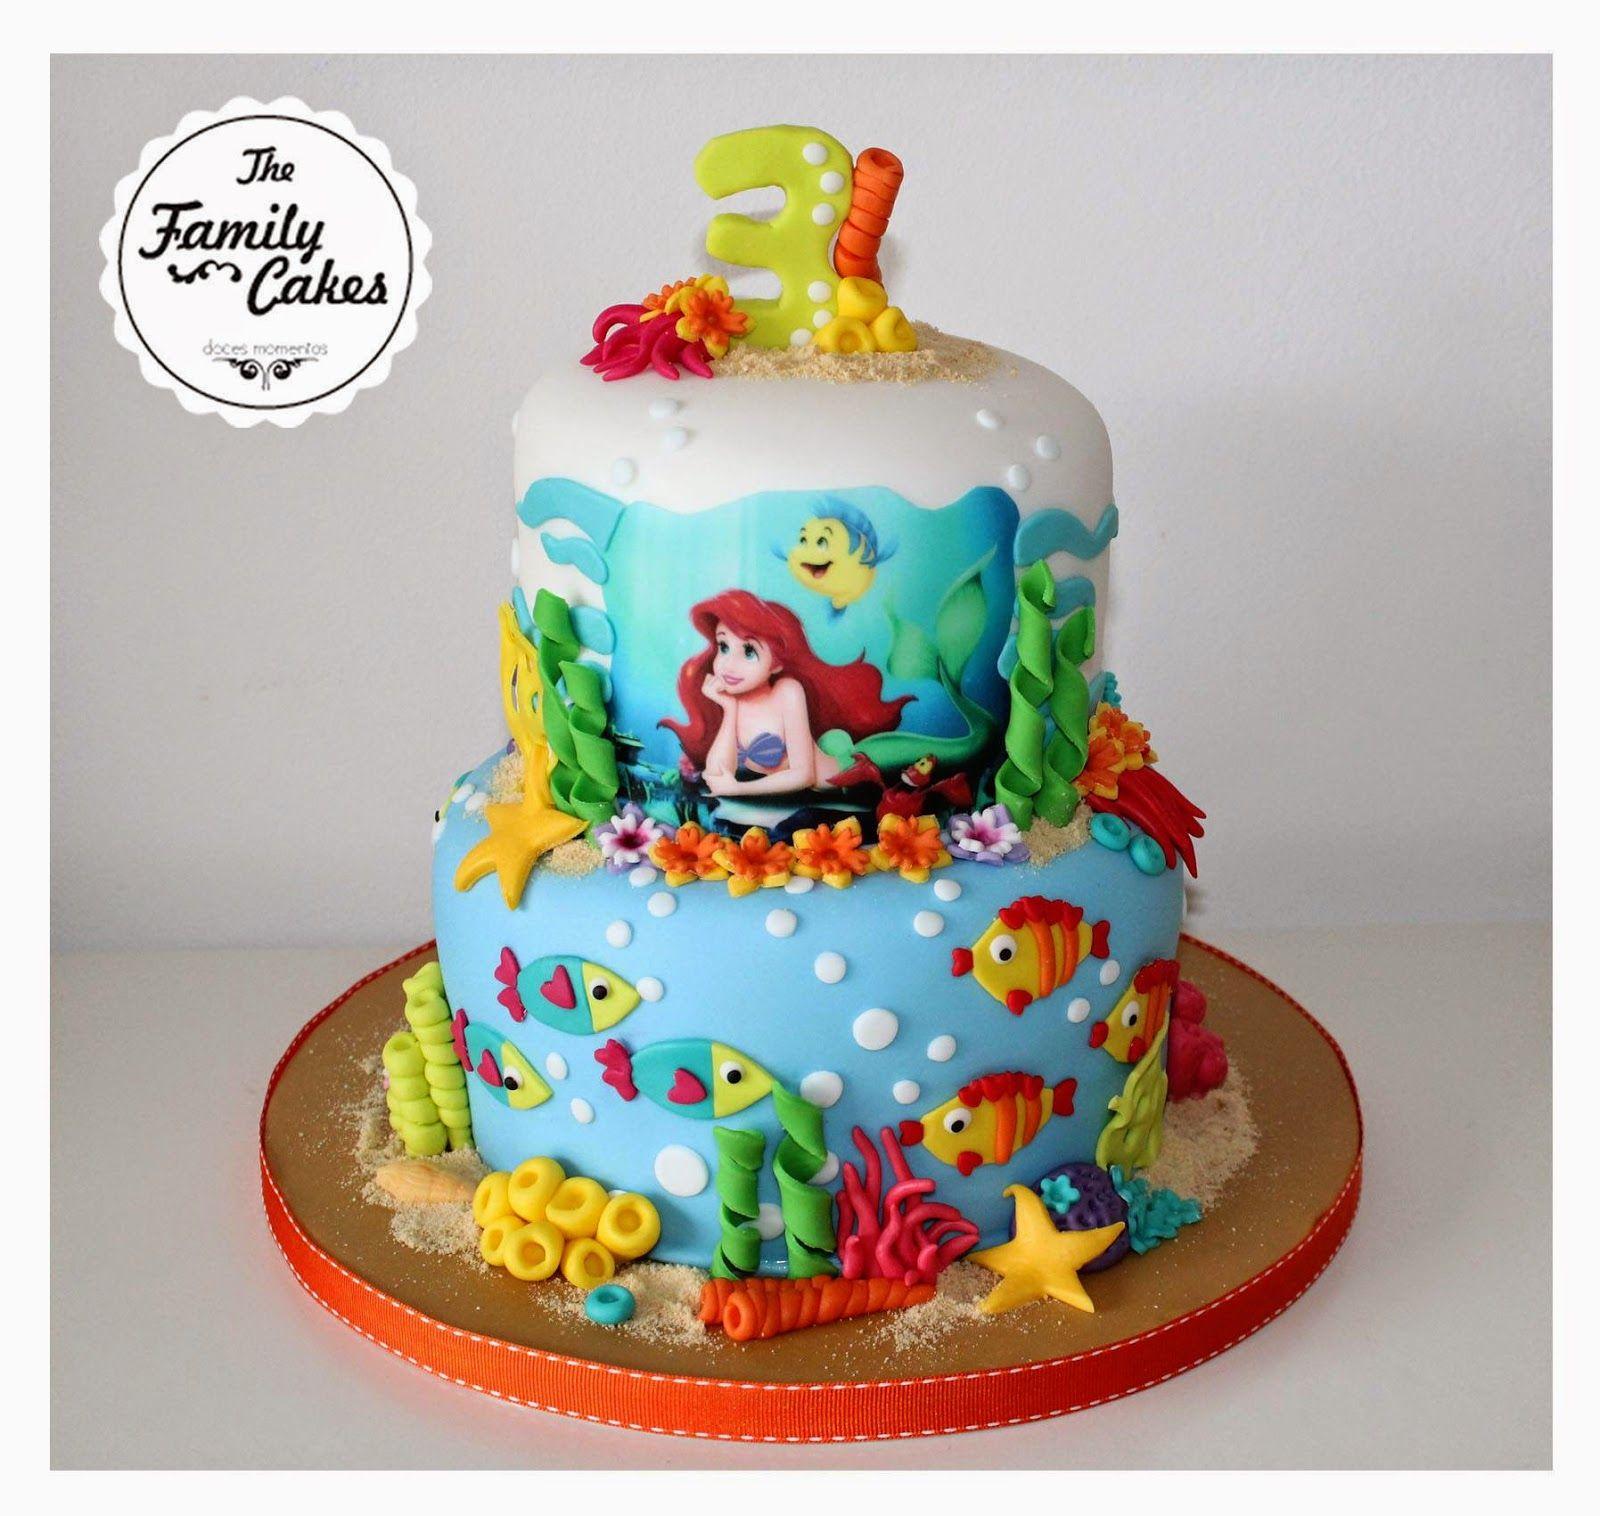 Cake Art Decor Zeitschrift Abo : Pequena Sereia Bolo / Little Mermaid Cake - The Family Cakes Lu Louzeiro - Cake Design ...